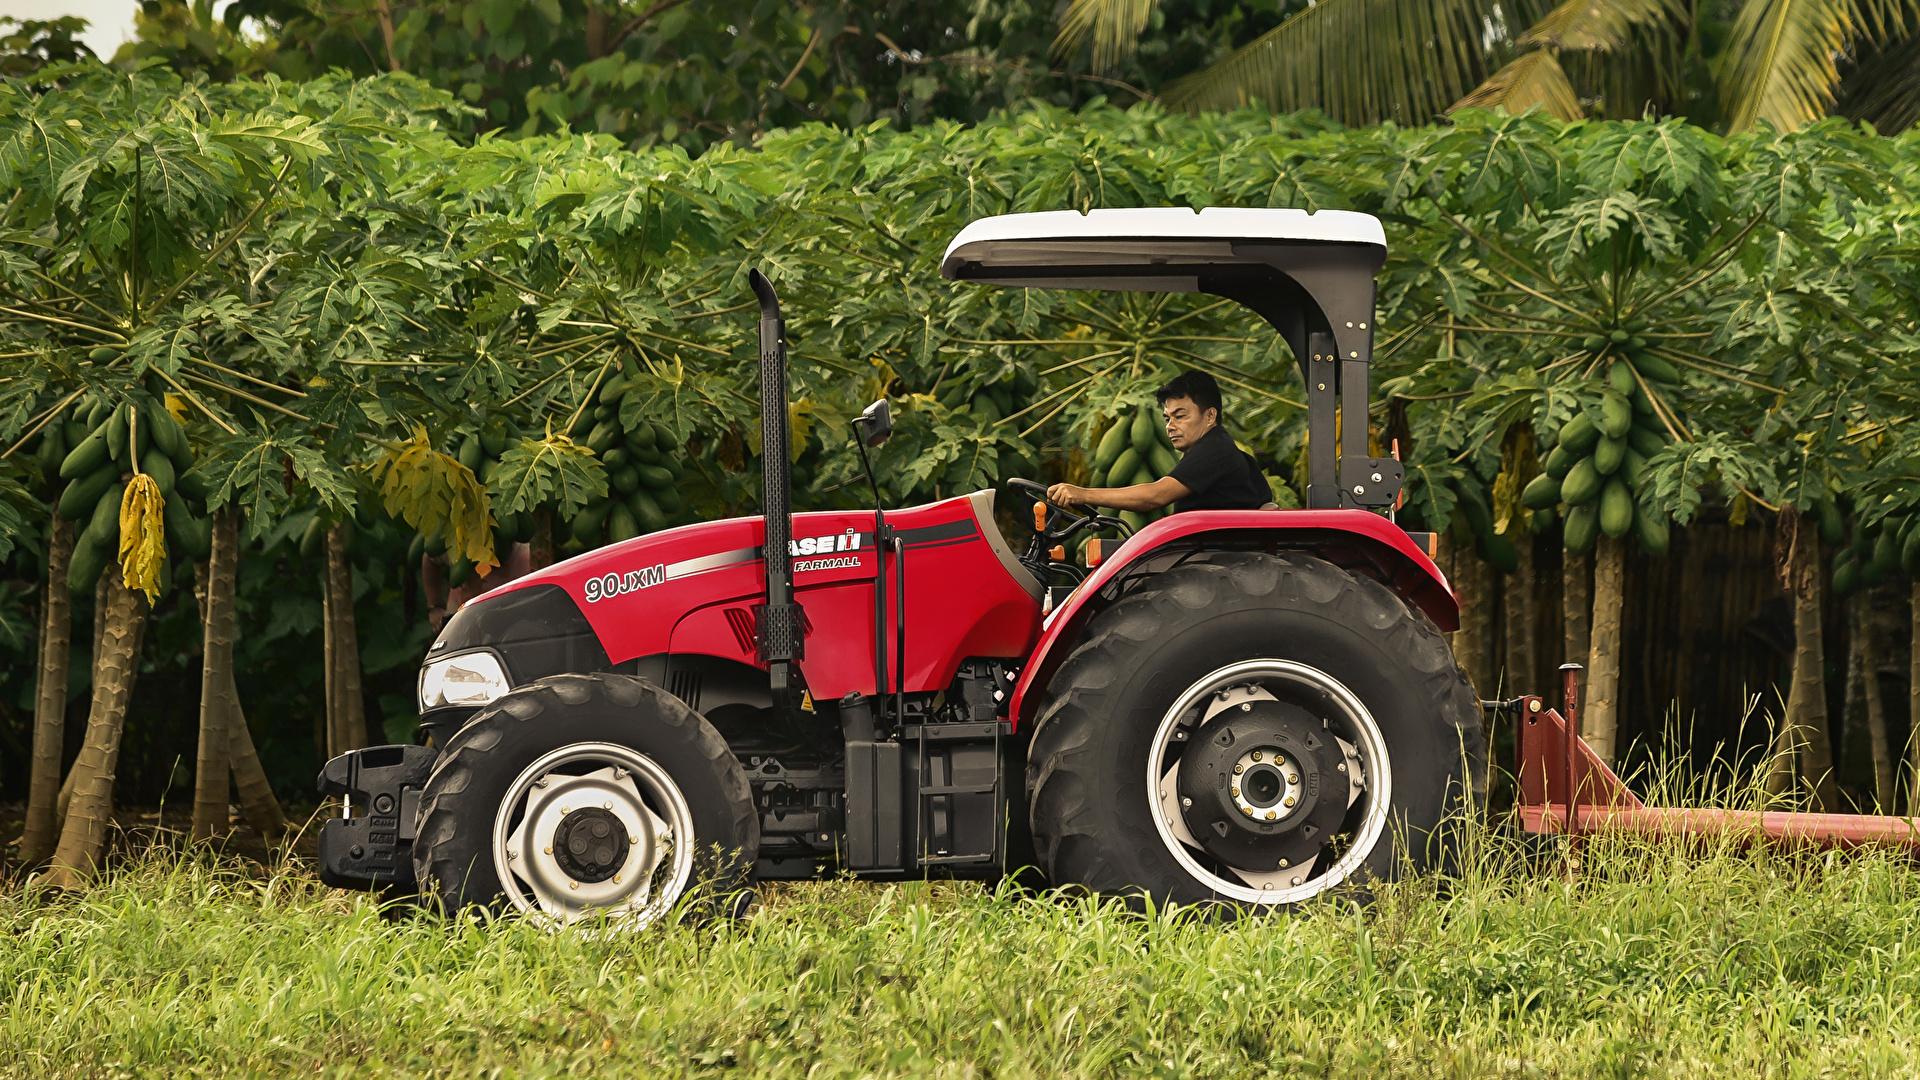 Картинка Сельскохозяйственная техника трактора 2015-19 Case IH Farmall 90JXM Сбоку 1920x1080 Трактор тракторы